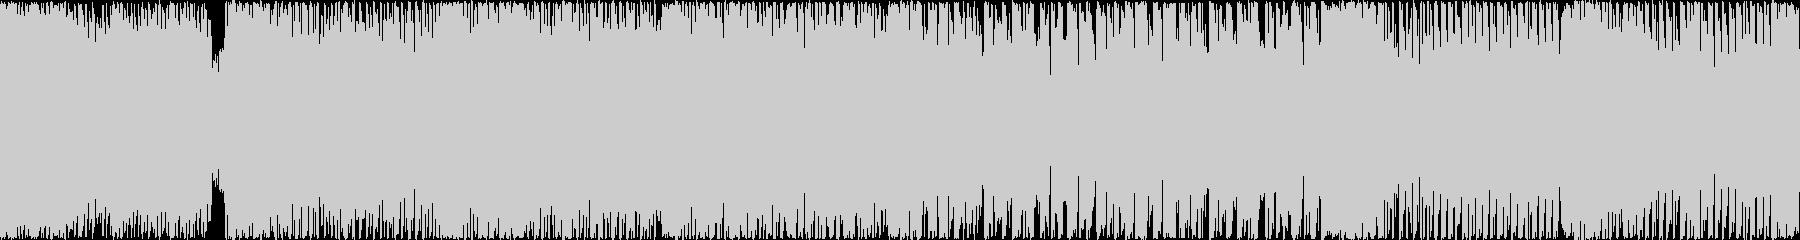 可愛いハイテンポテクノポップ ループ推奨の未再生の波形